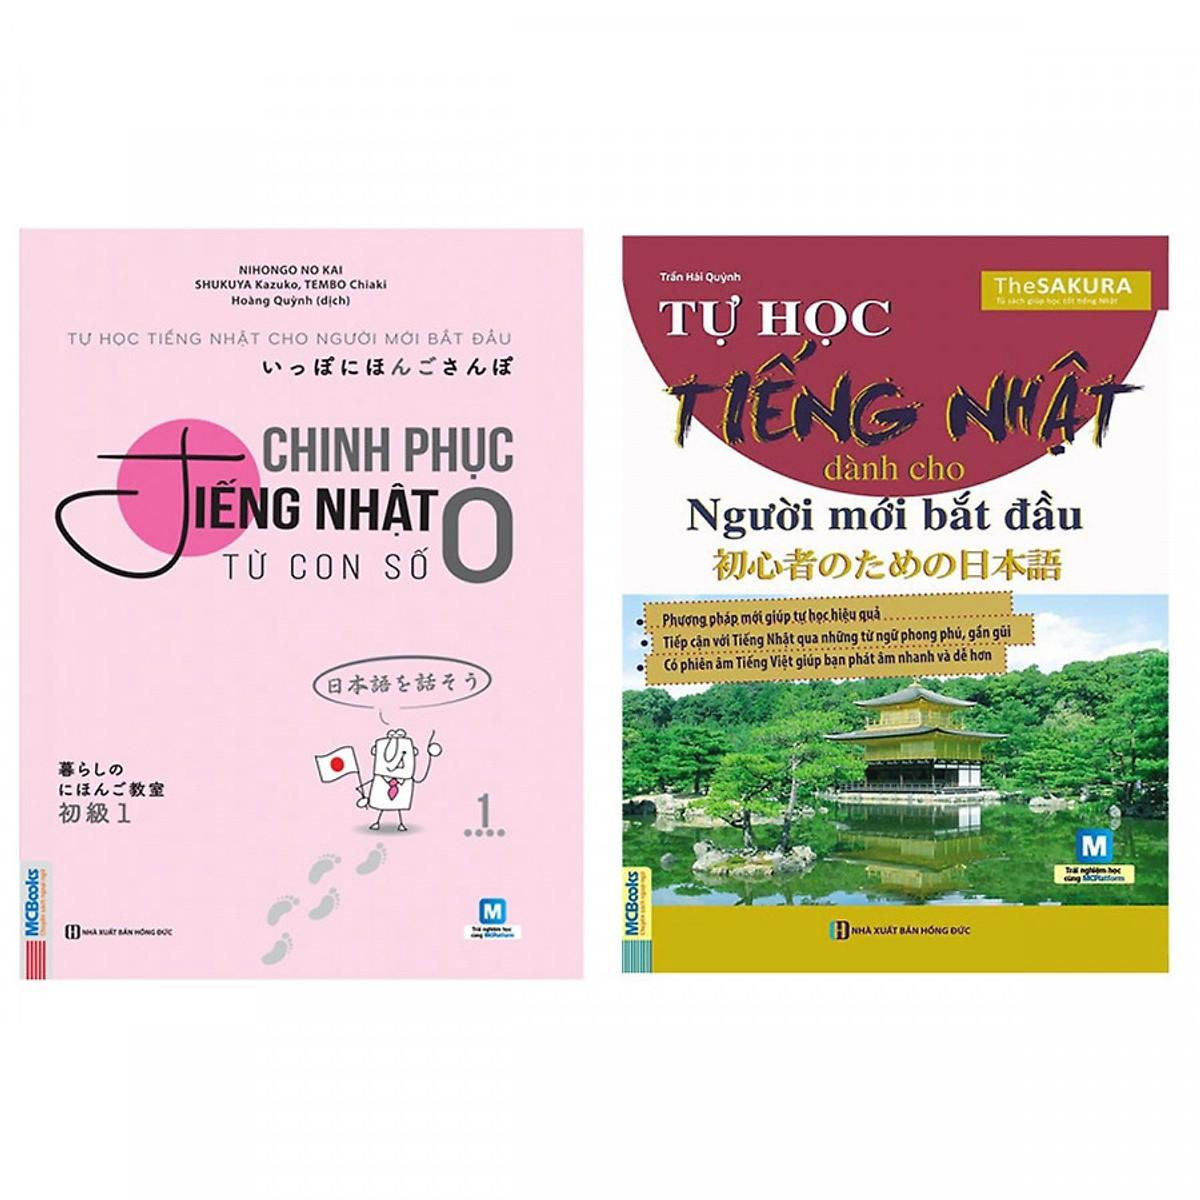 Combo Tự Học Tiếng Nhật Dành Cho Người Mới Bắt Đầu và chinh phục tiếng nhật từ con số 0(Tặng kèm booksmark)